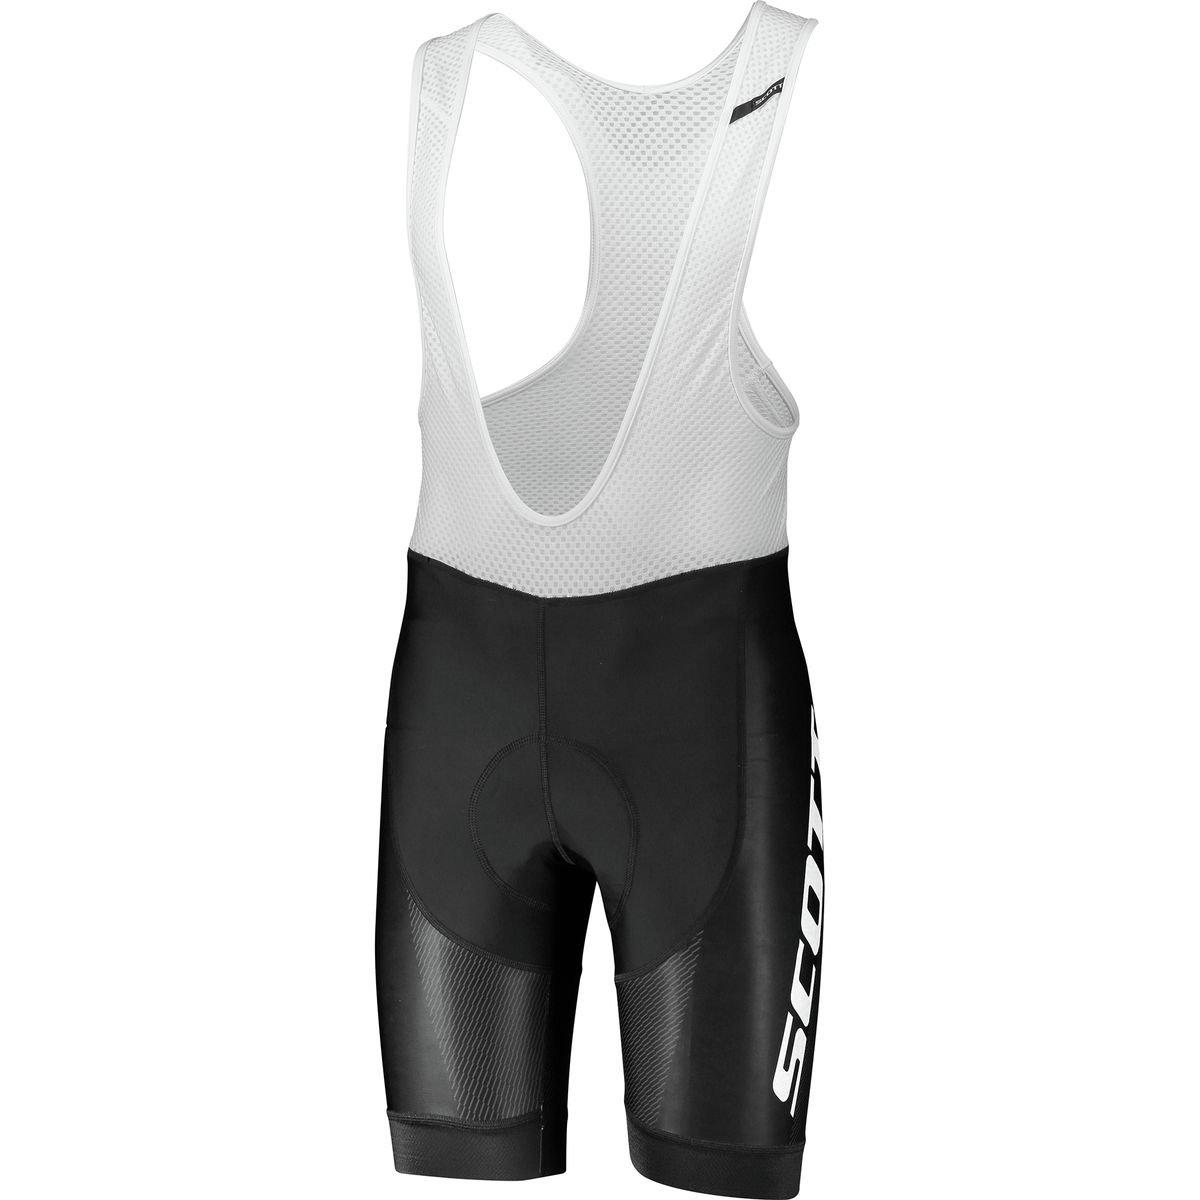 スコットRC Pro plus3 Bib Short – Men 's Medium ブラック/ホワイト B07CFQJS2P